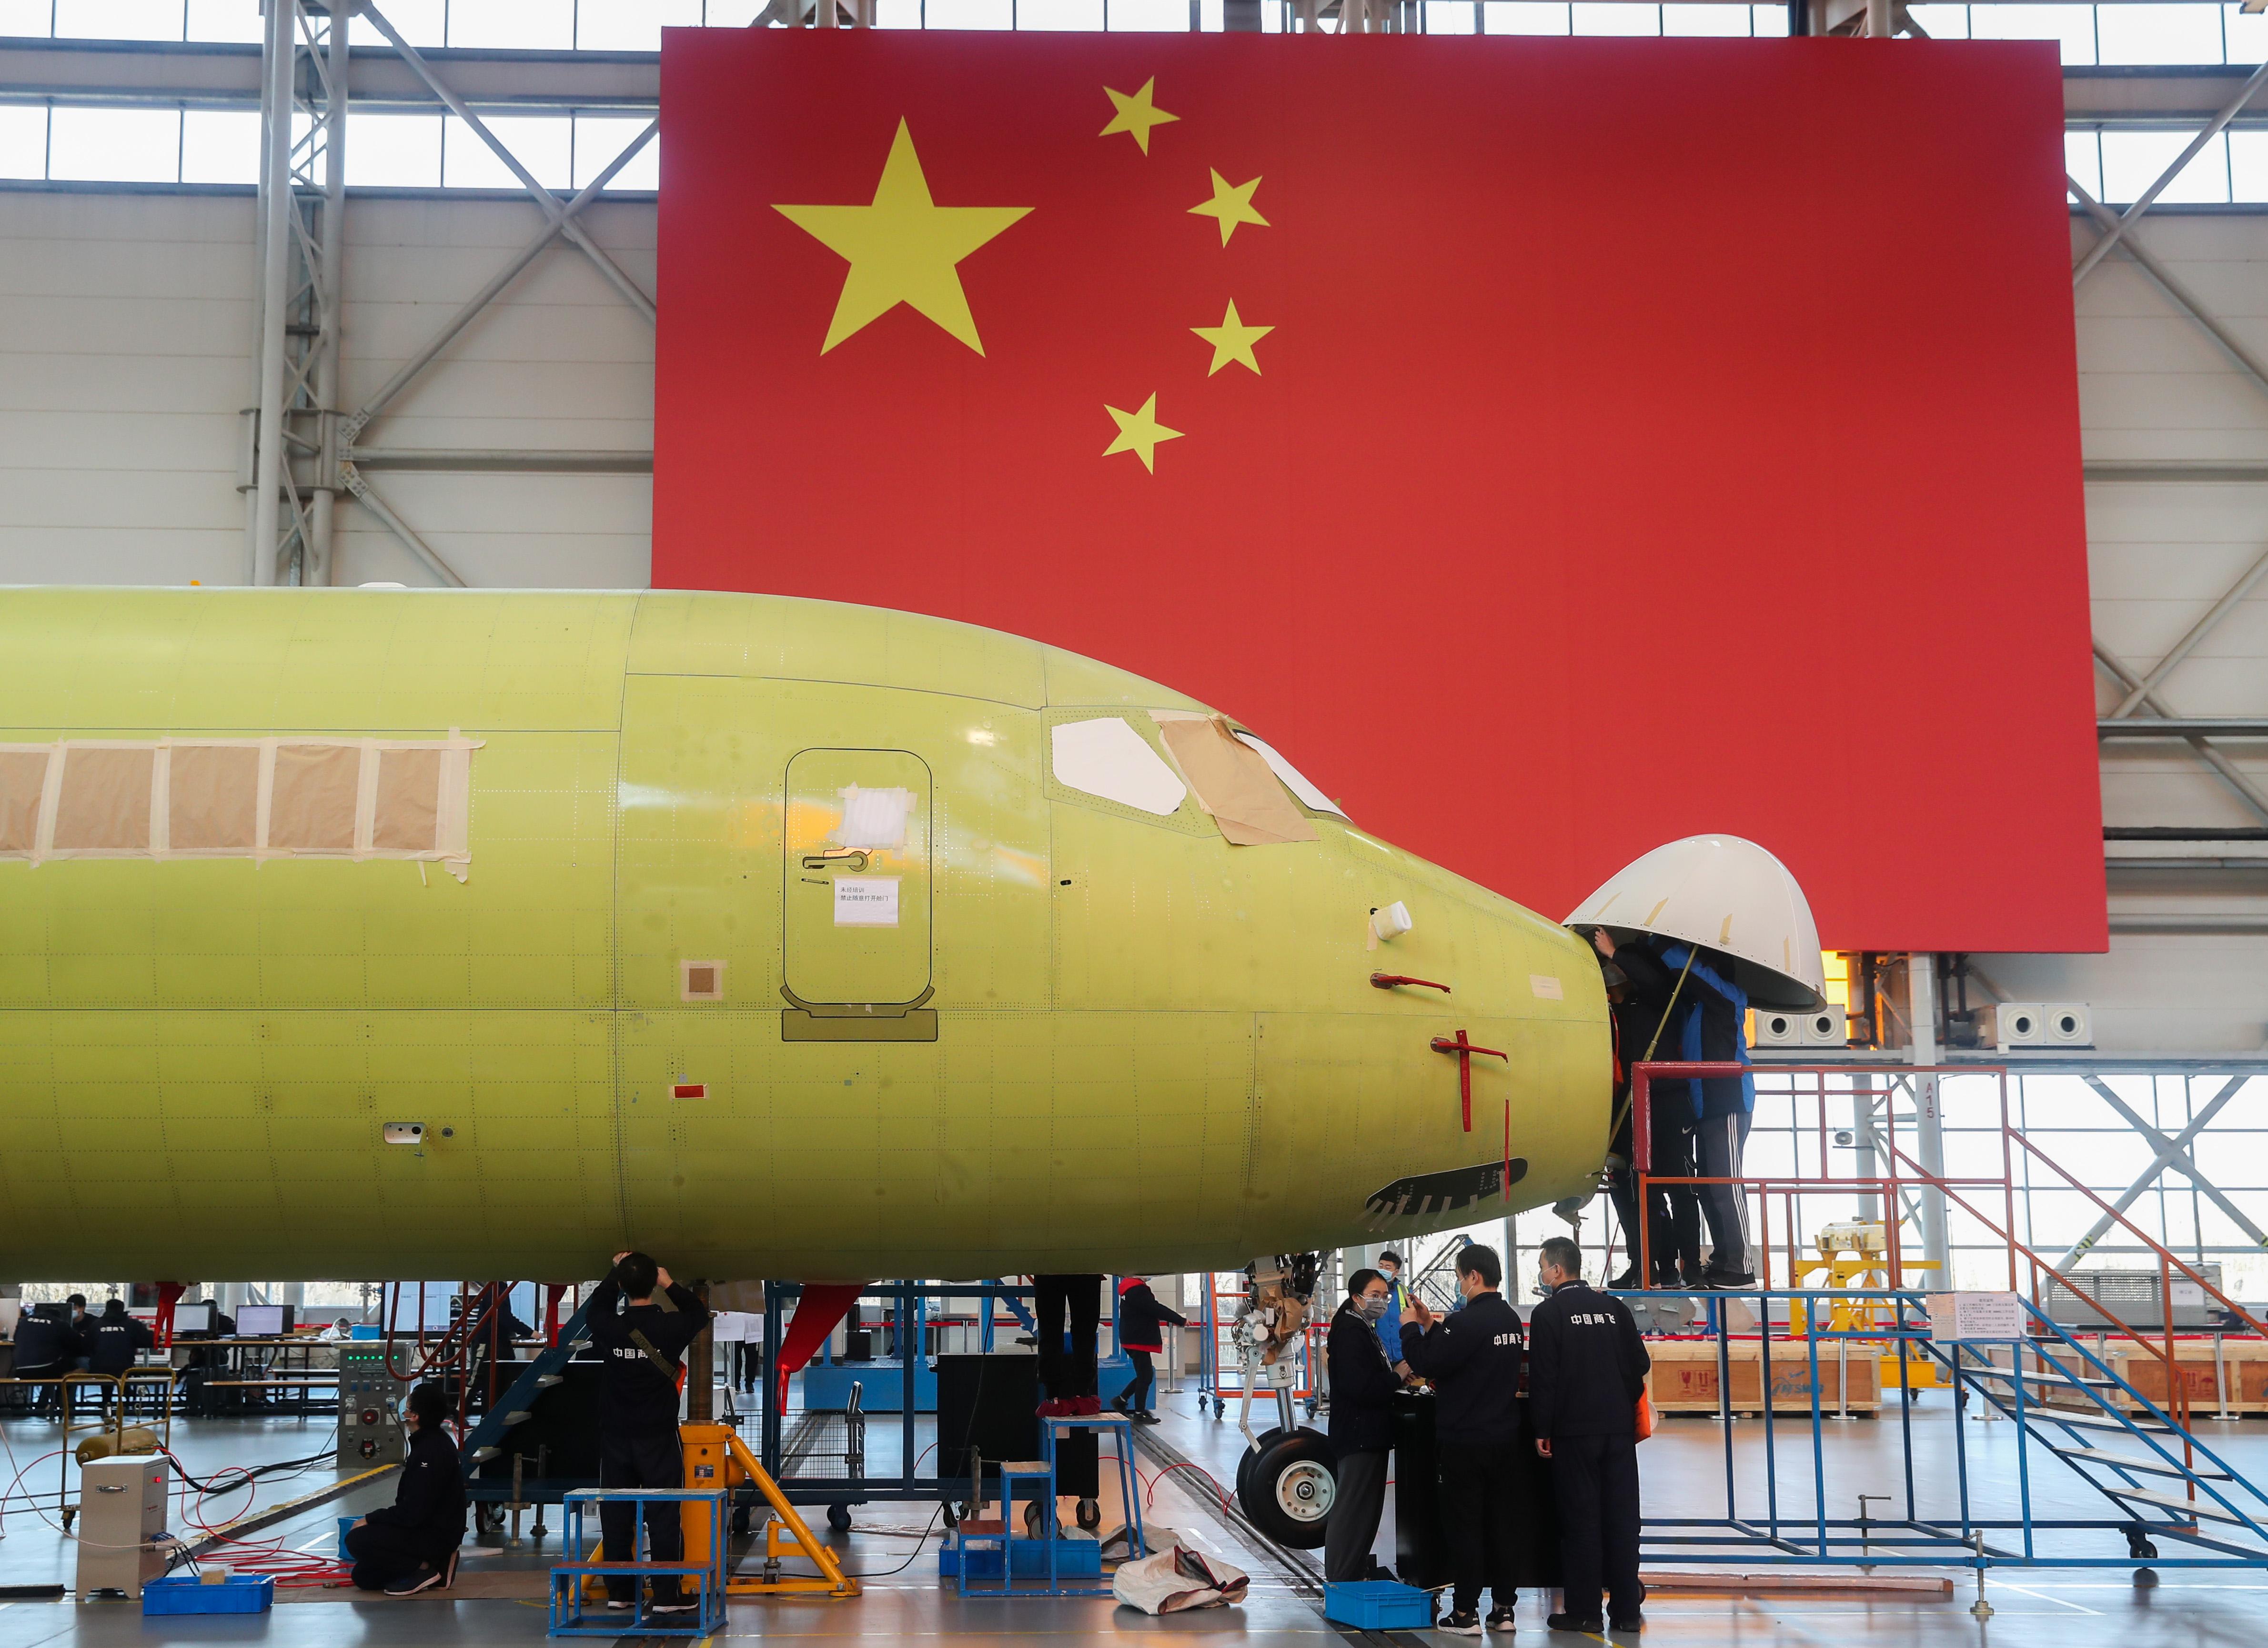 上海飞机制造厂的简介